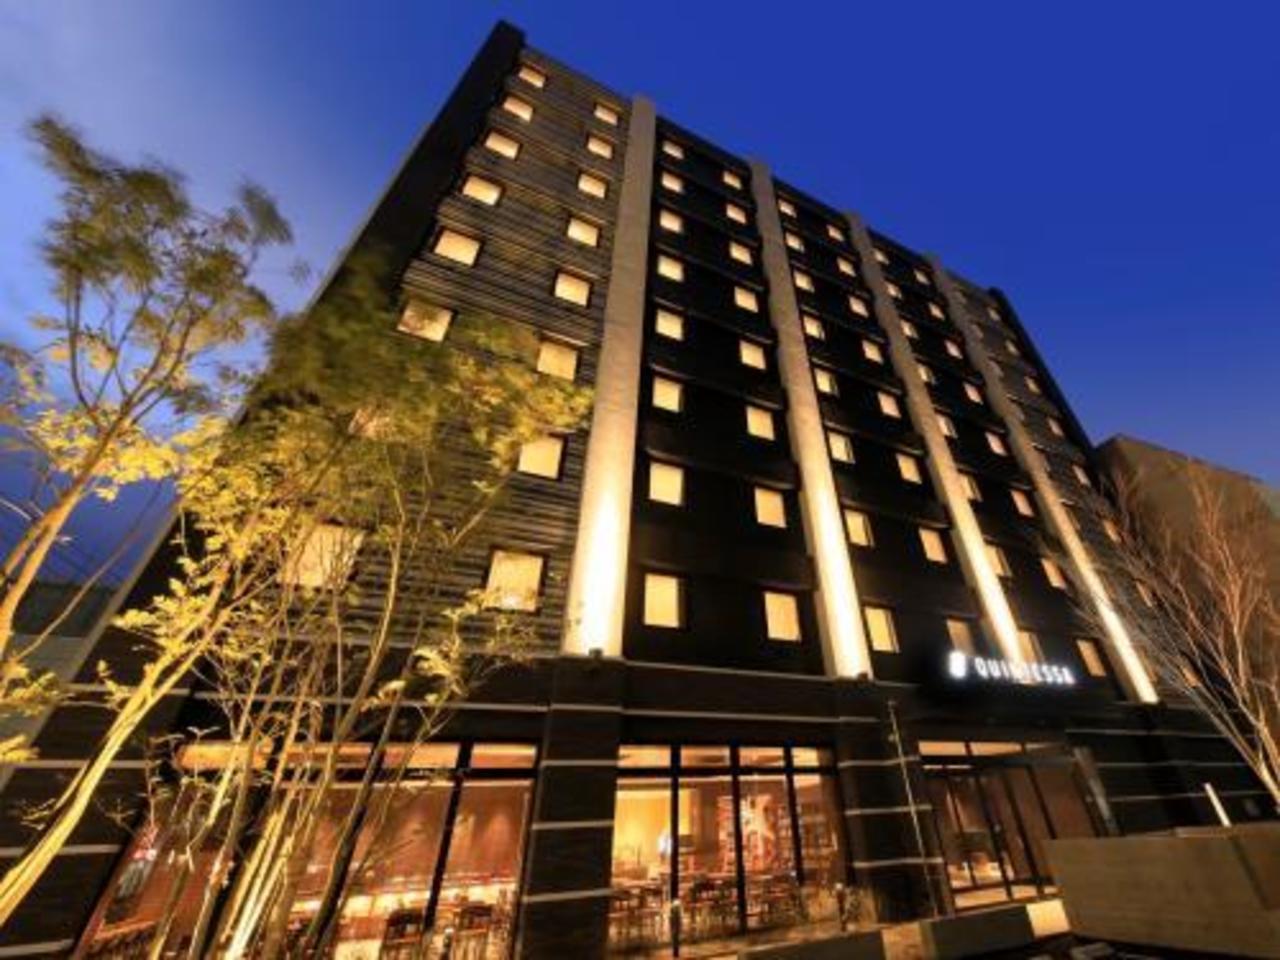 天神 福岡 クインテッサ ホテル